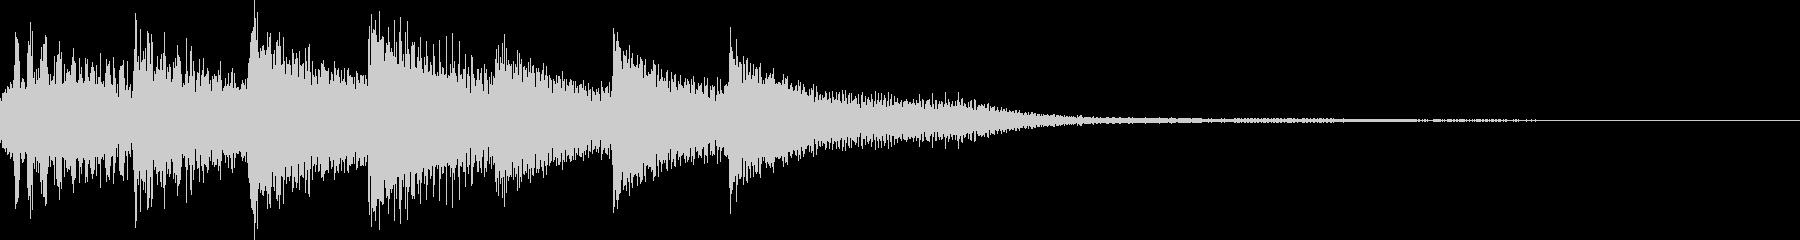 短いピアノ映像用ジングル1の未再生の波形